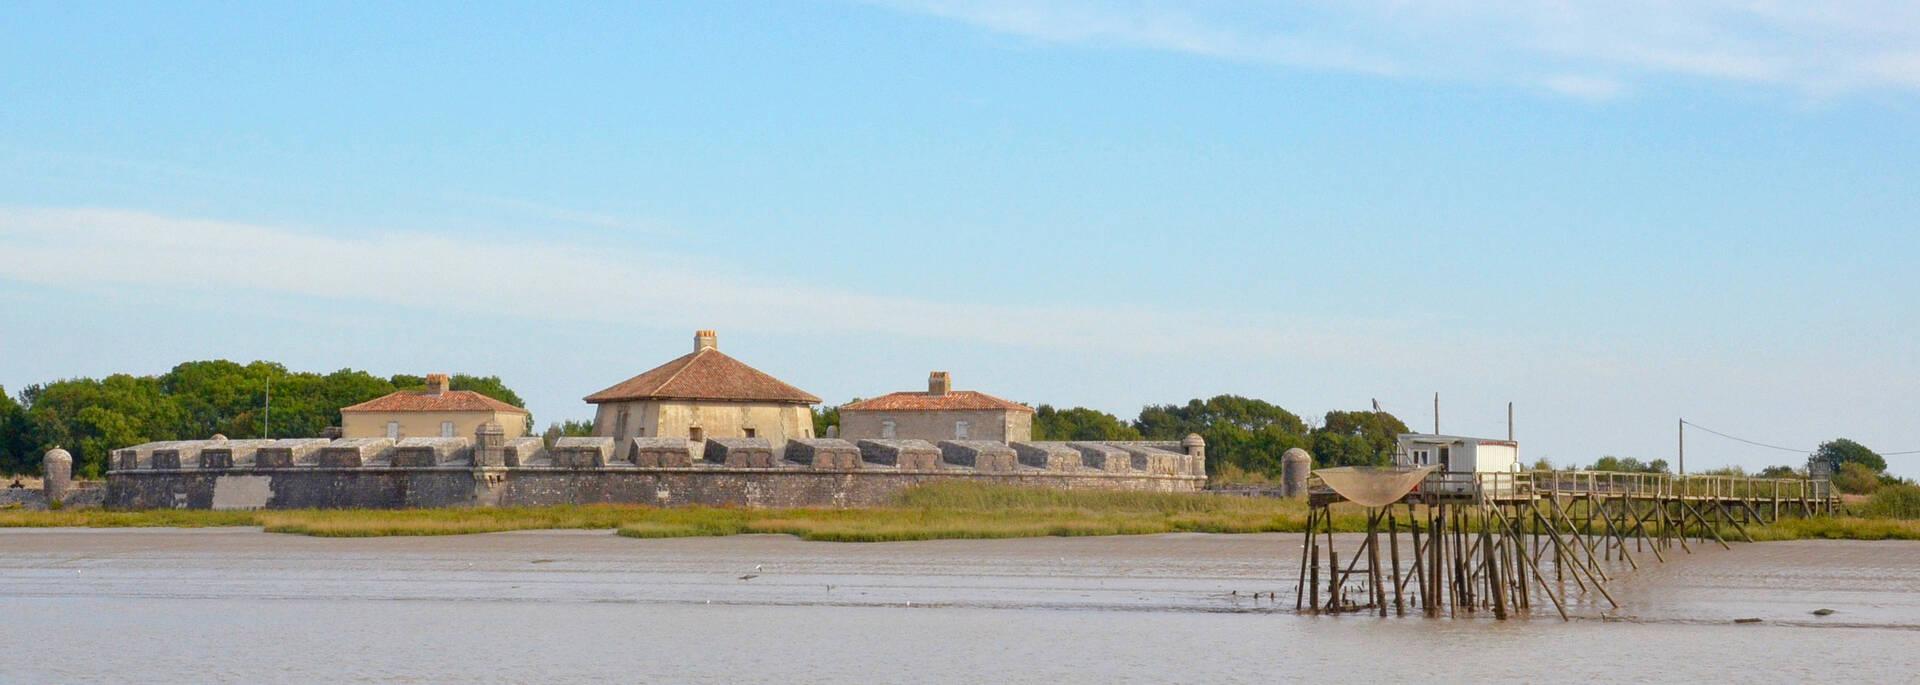 Fort Lupin et carrelet, côté fleuve Charente - © Samuel Courtois